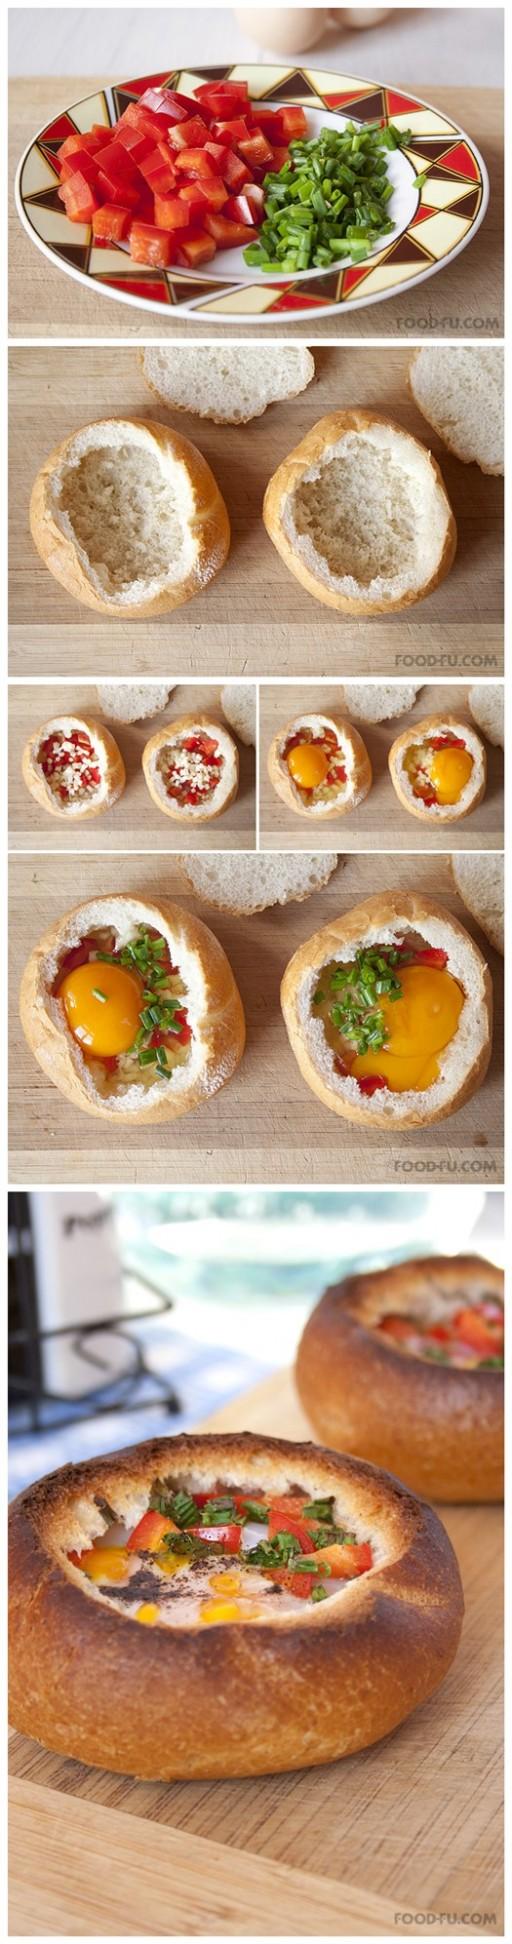 DIY Breakfast Bread Bowl Recipe & Instructions 3